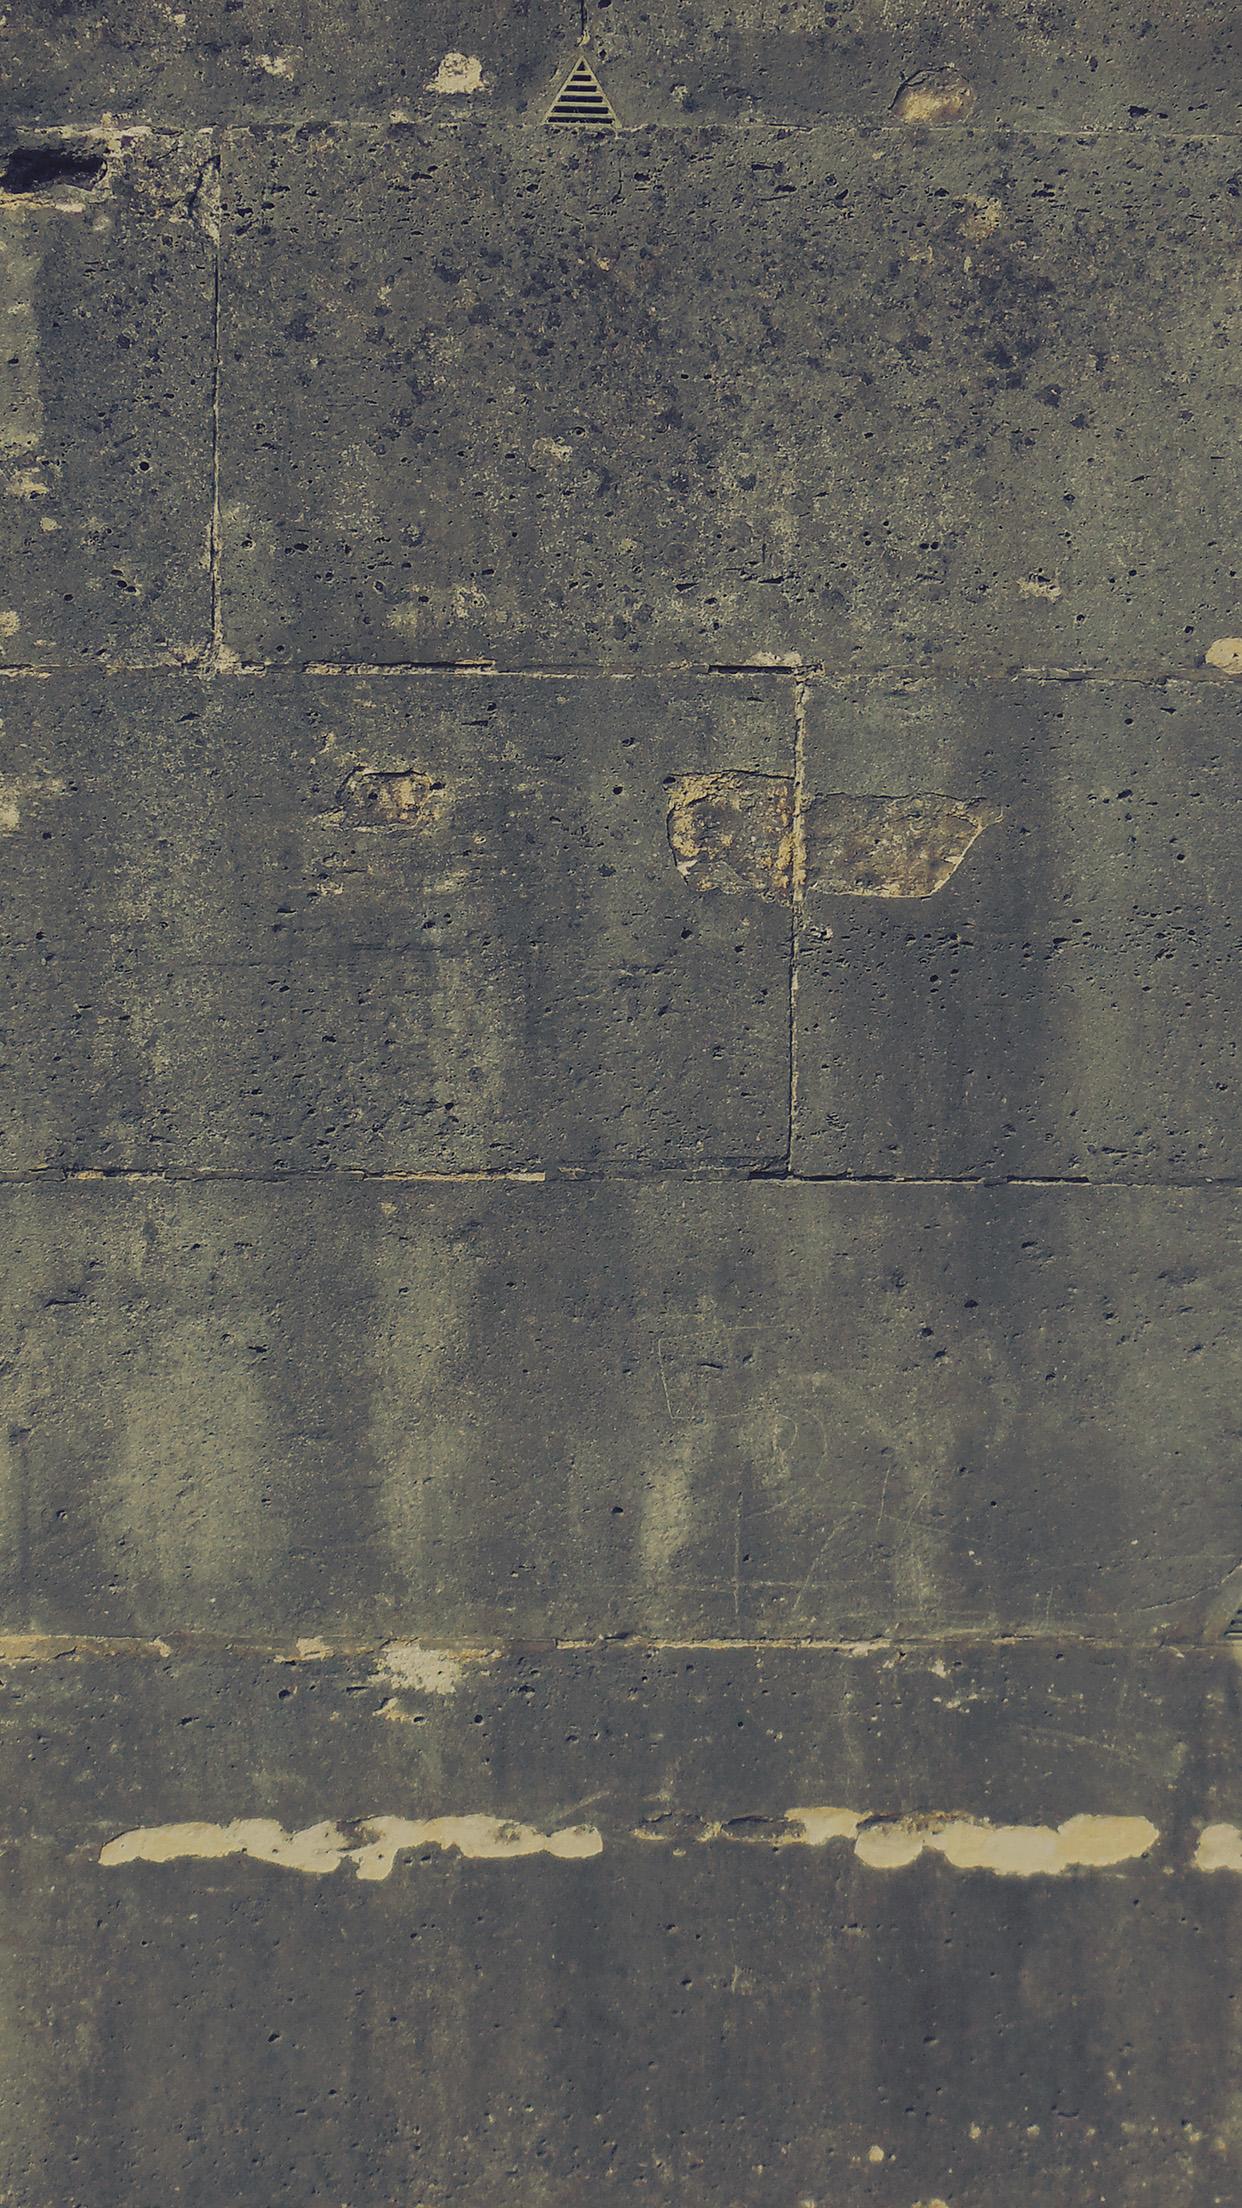 ふるびたコンクリート Iphone6壁紙 Wallpaperbox